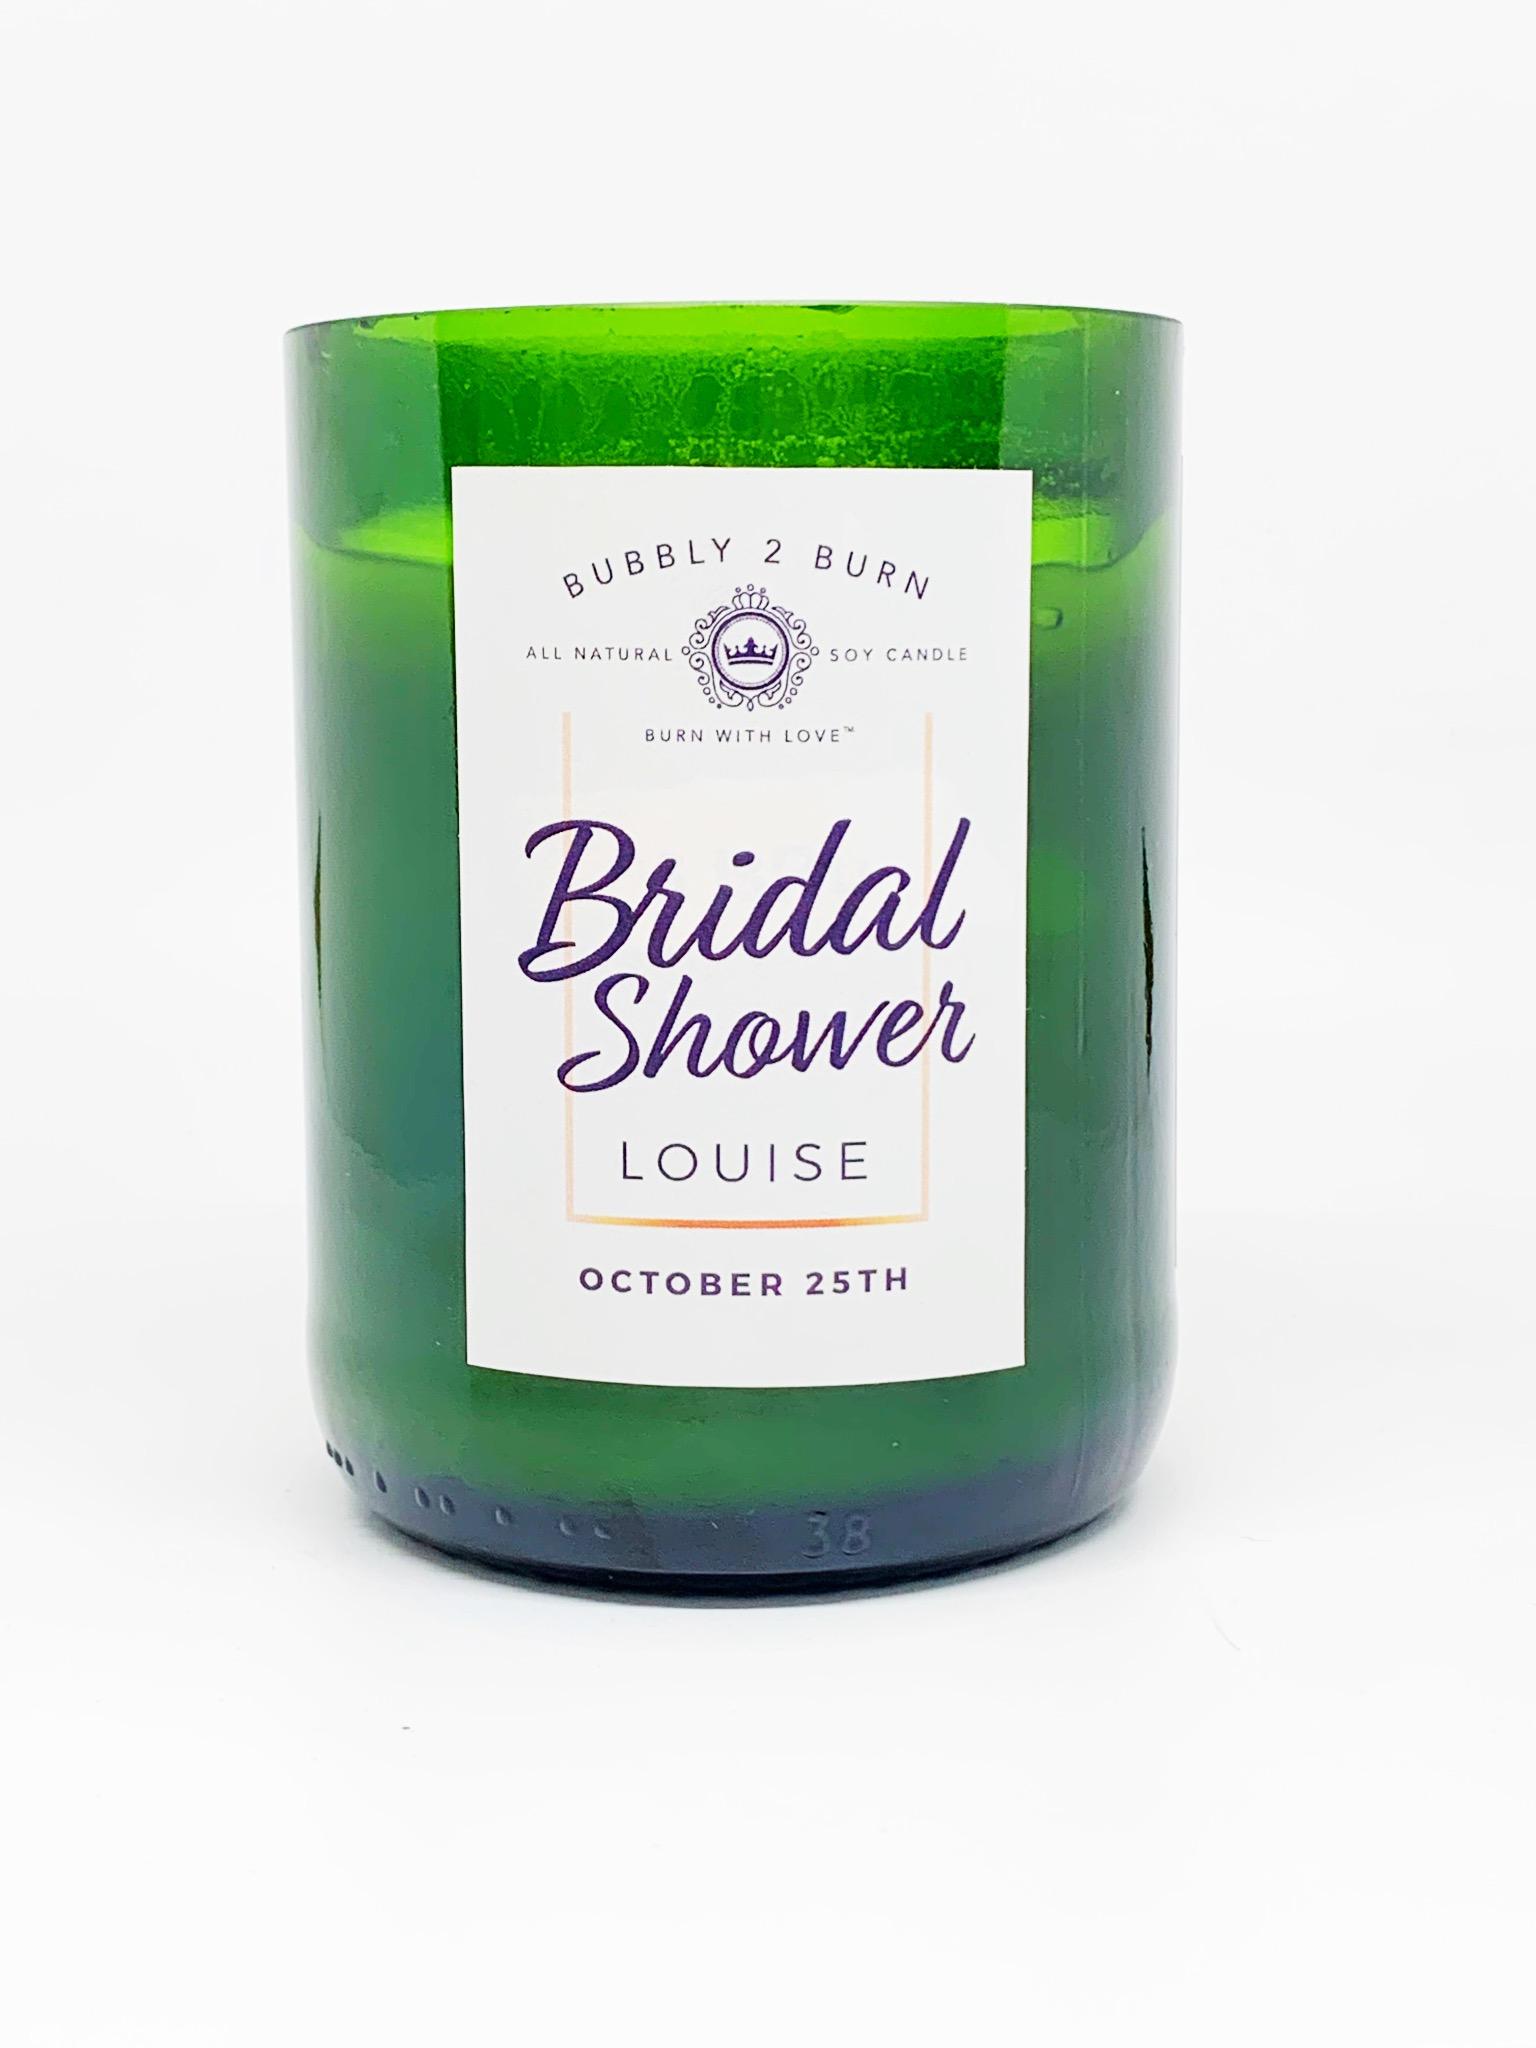 Bridal Shower - Option 1